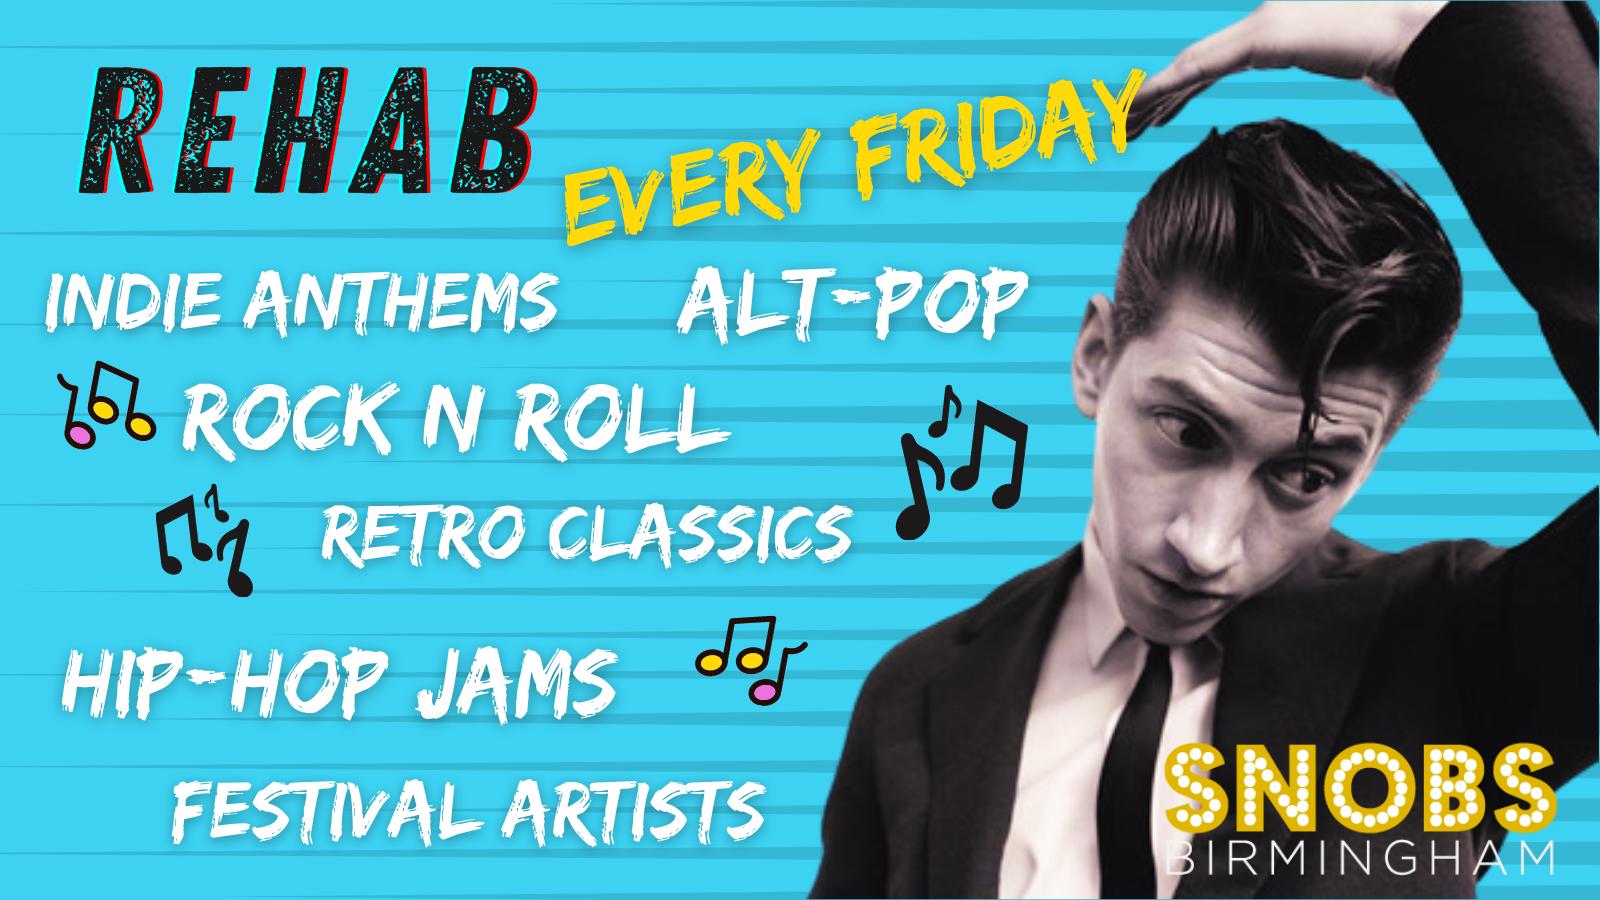 Rehab vs Bad Habits Friday 17th September